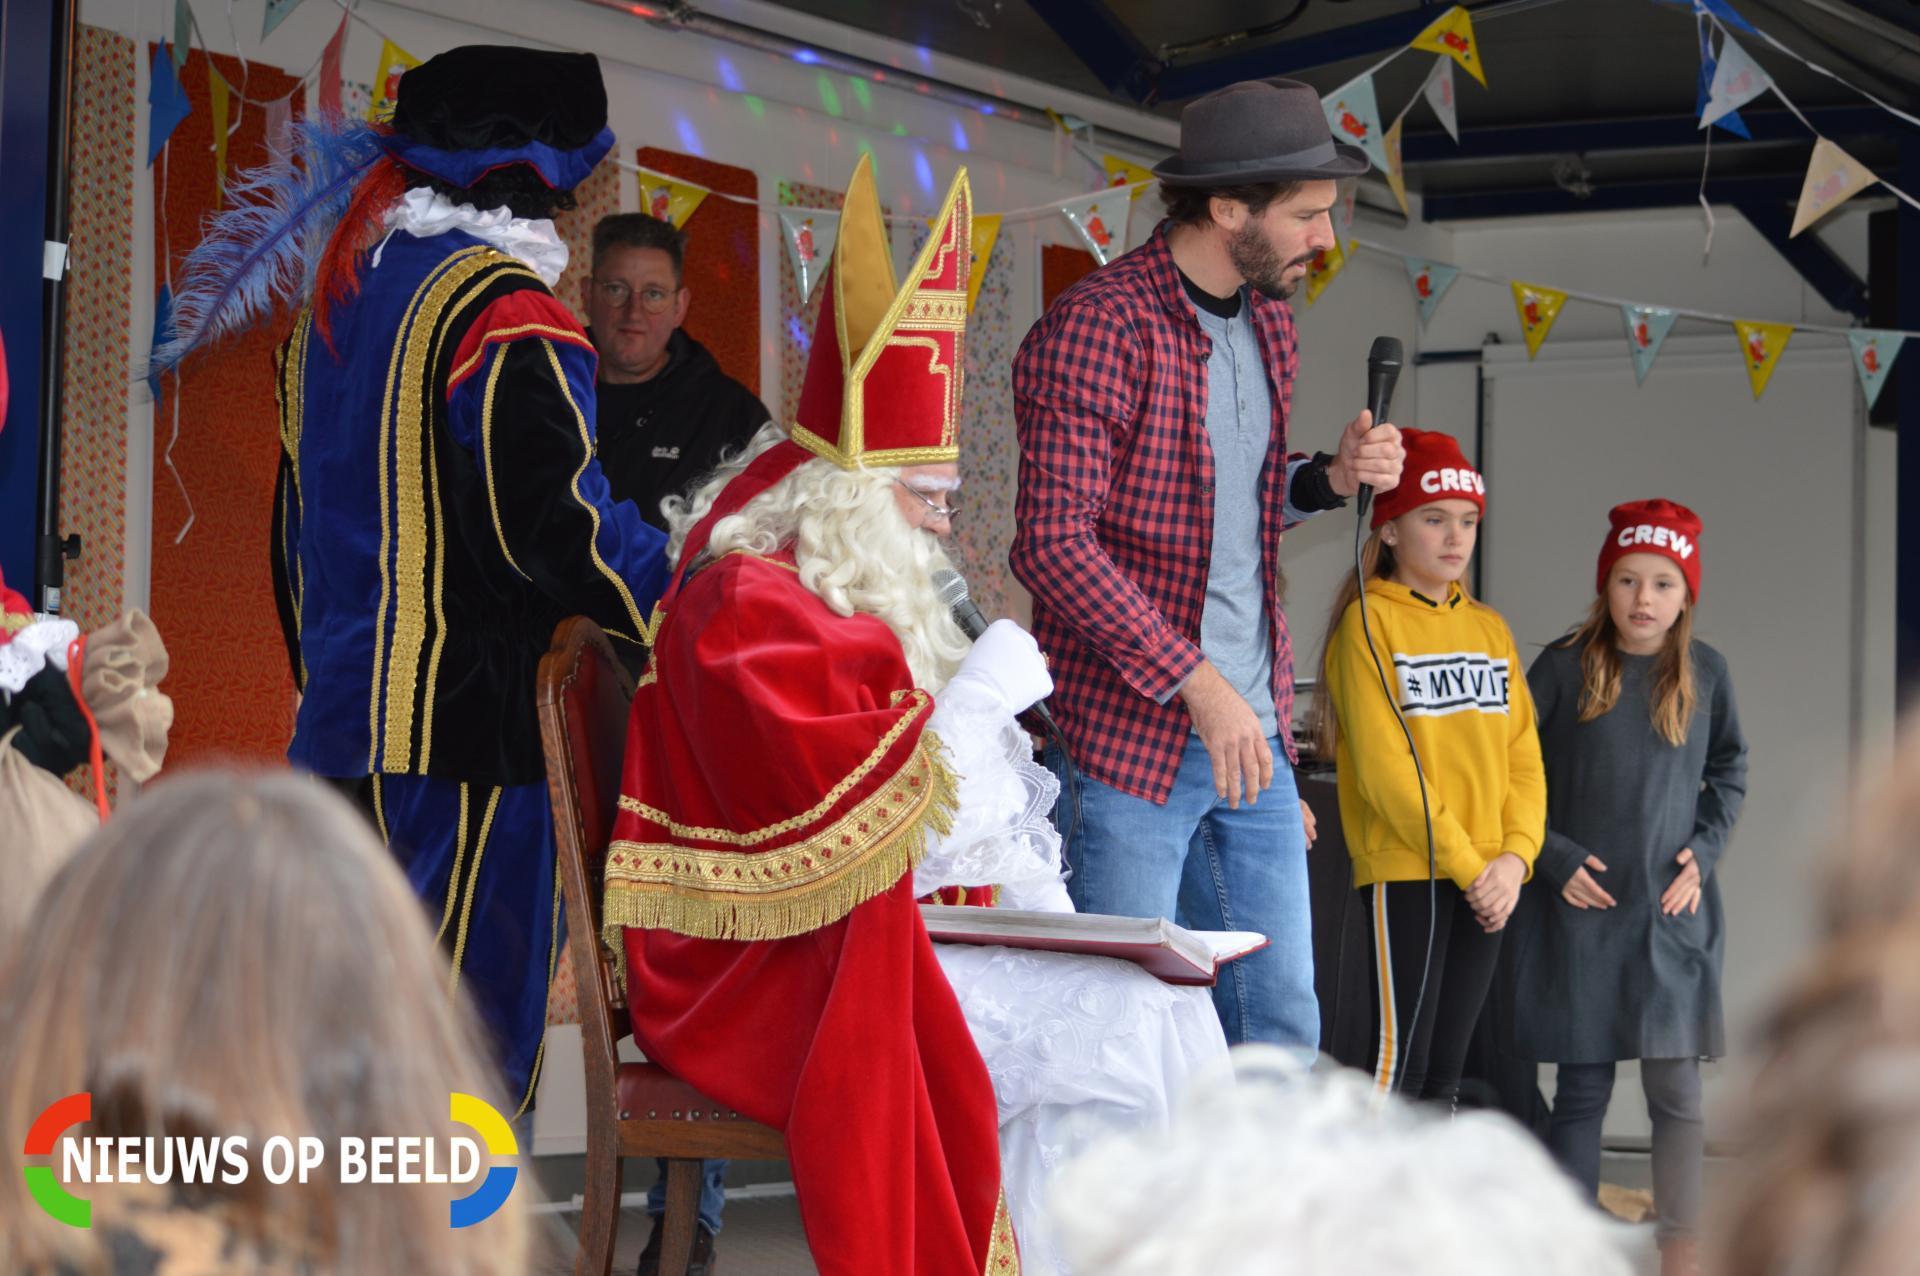 Gemoedelijke Sinterklaas Intocht Schiebroek Rododendronplein Rotterdam Nieuws Op Beeld